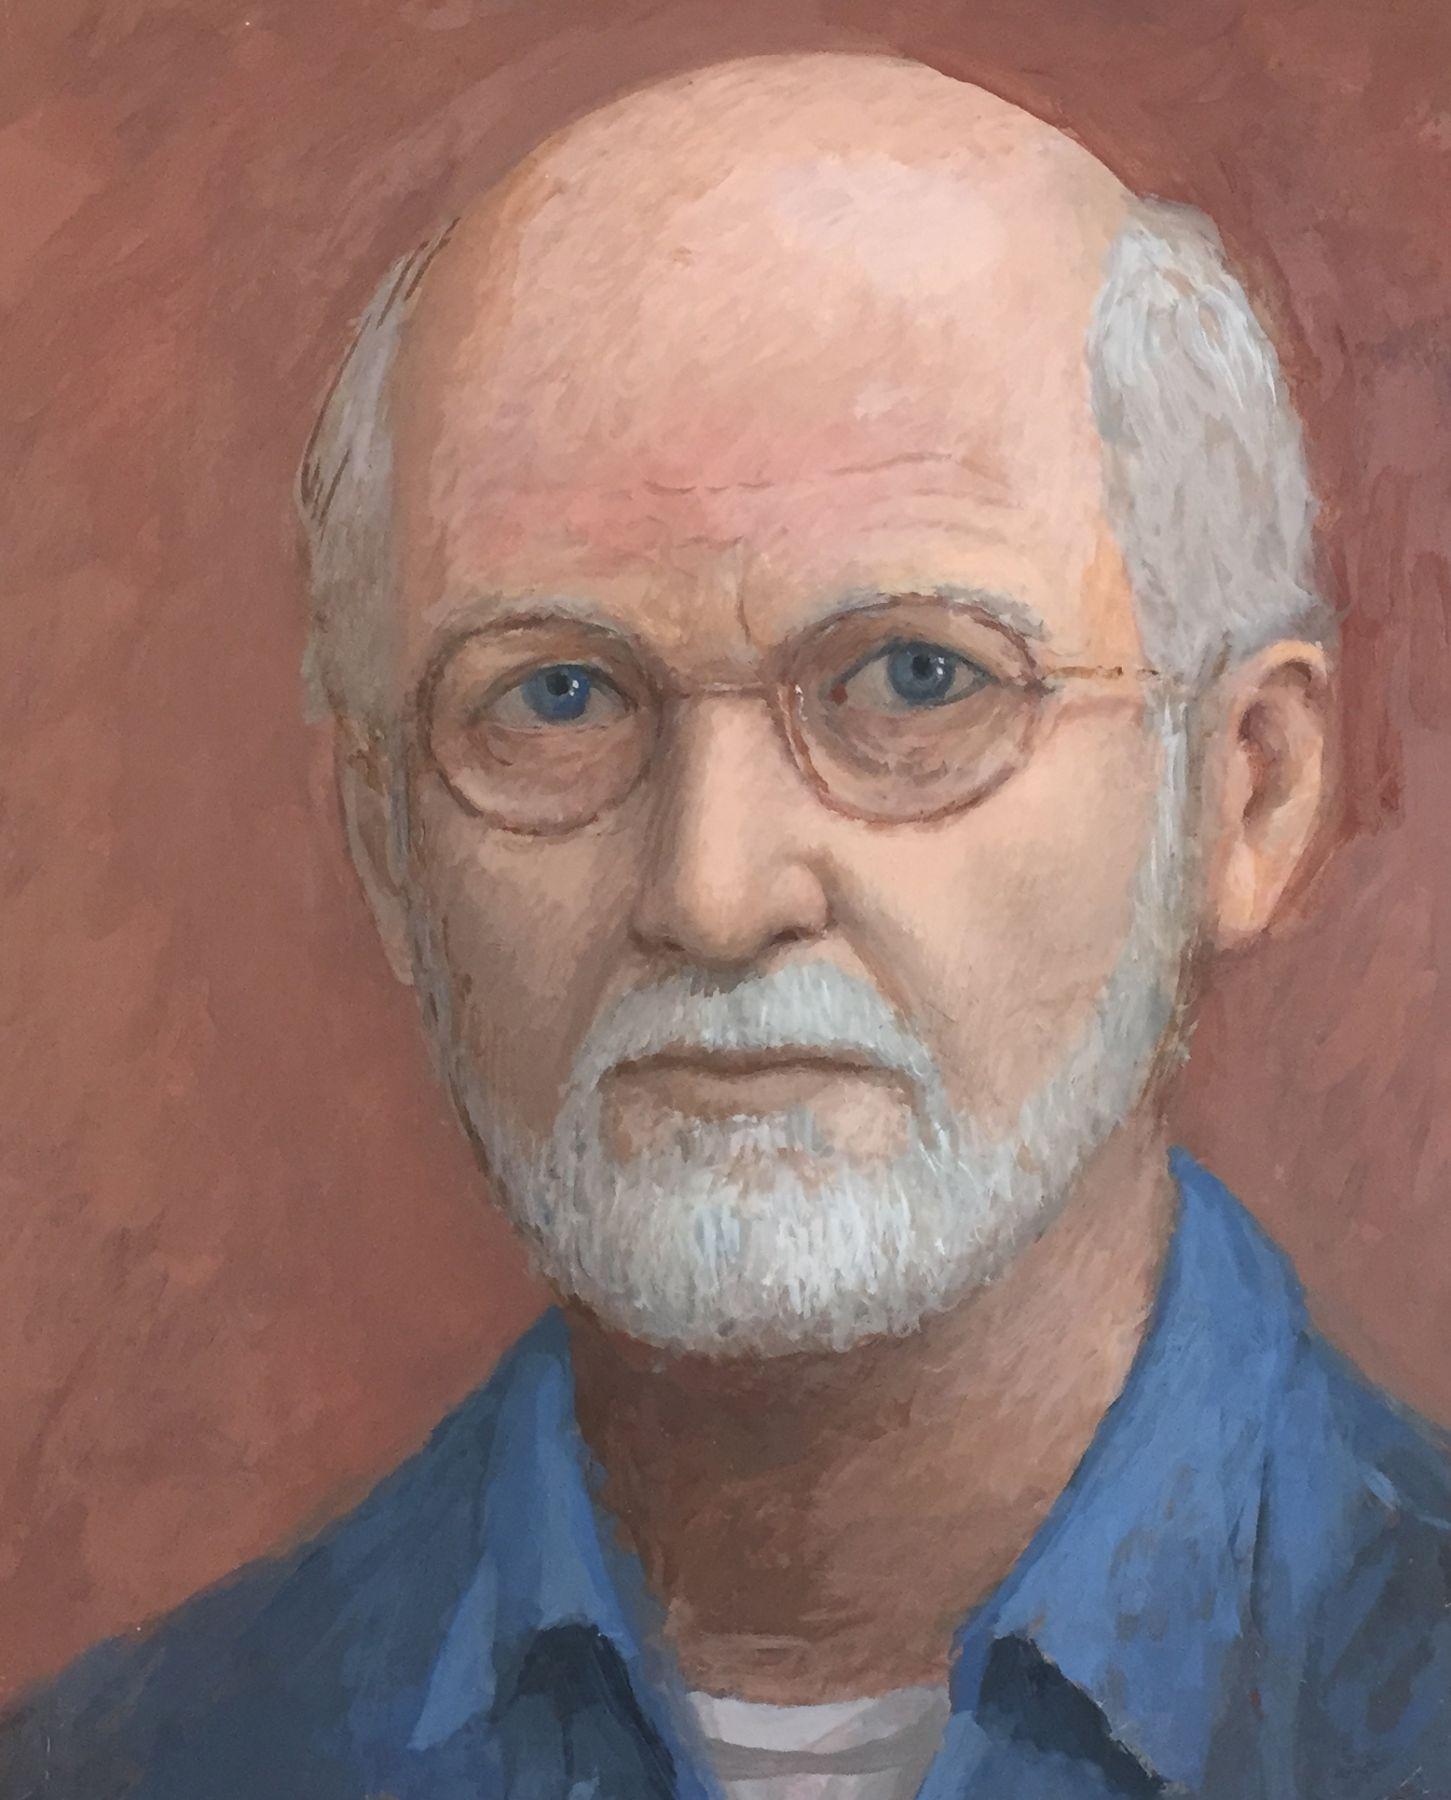 Portrait of Bill Bailey